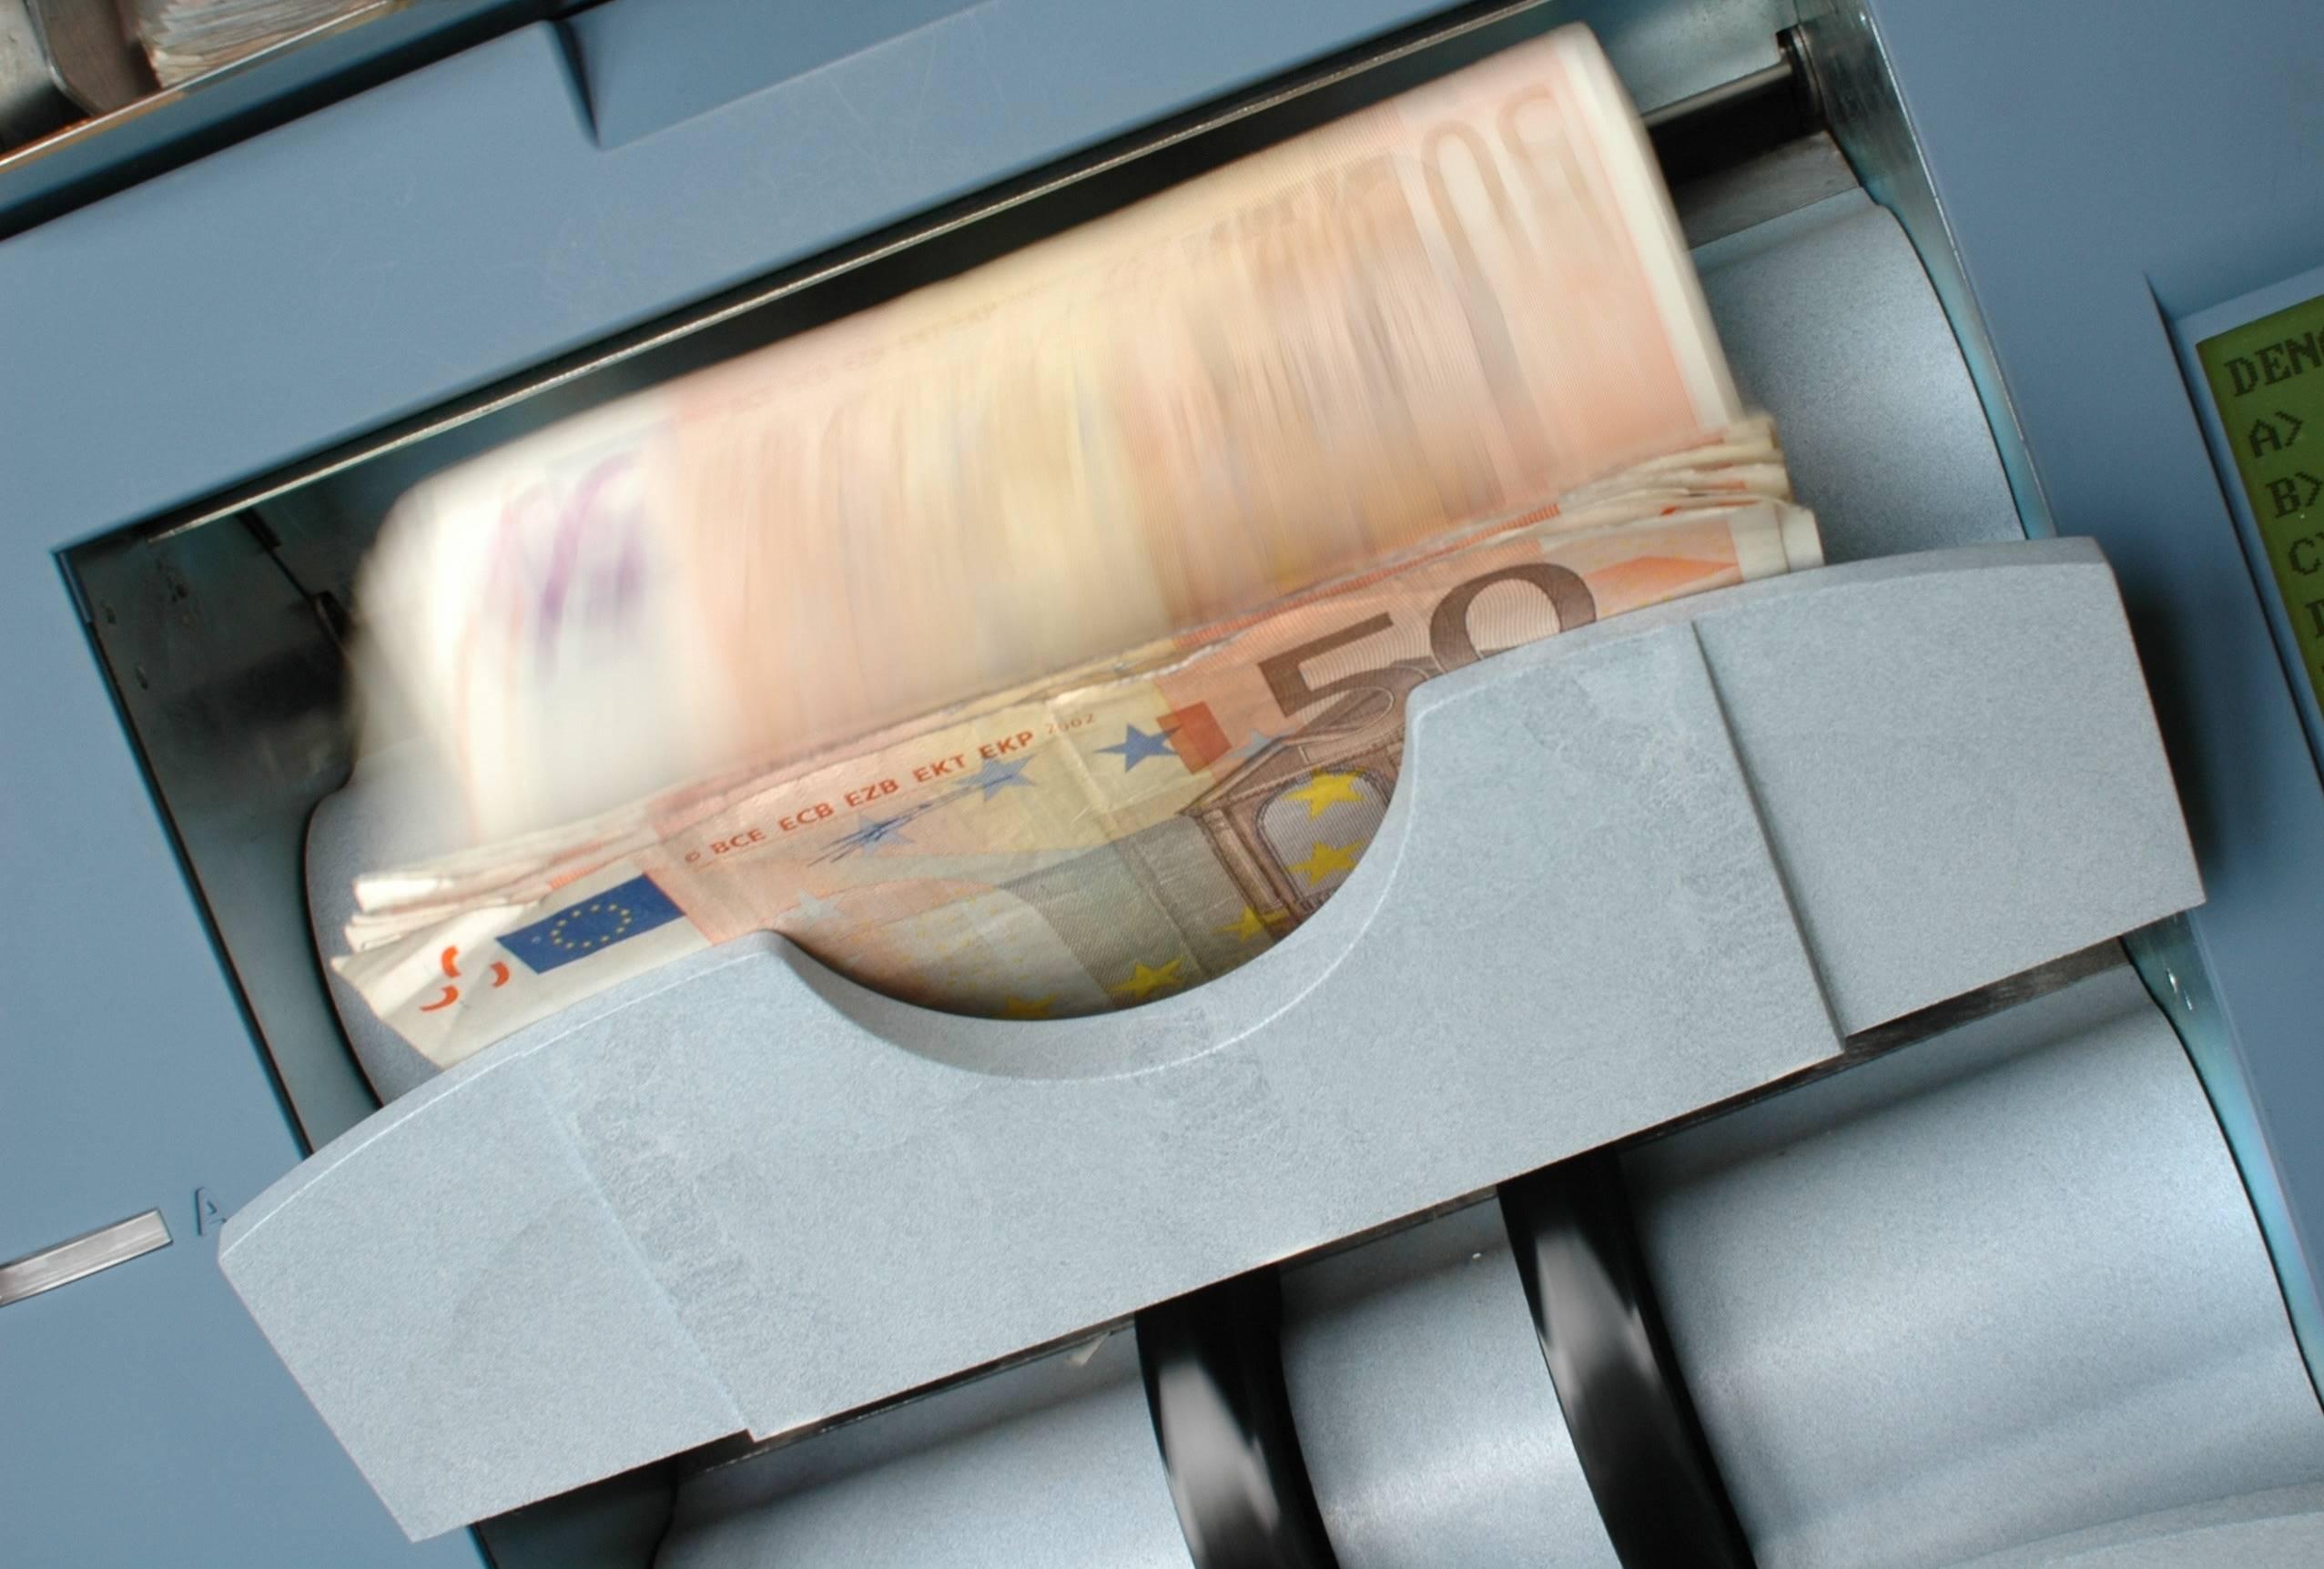 Ruzie over de erfenis: 'In vier jaar tijd heeft mijn zus vijftigduizend euro opgemaakt'